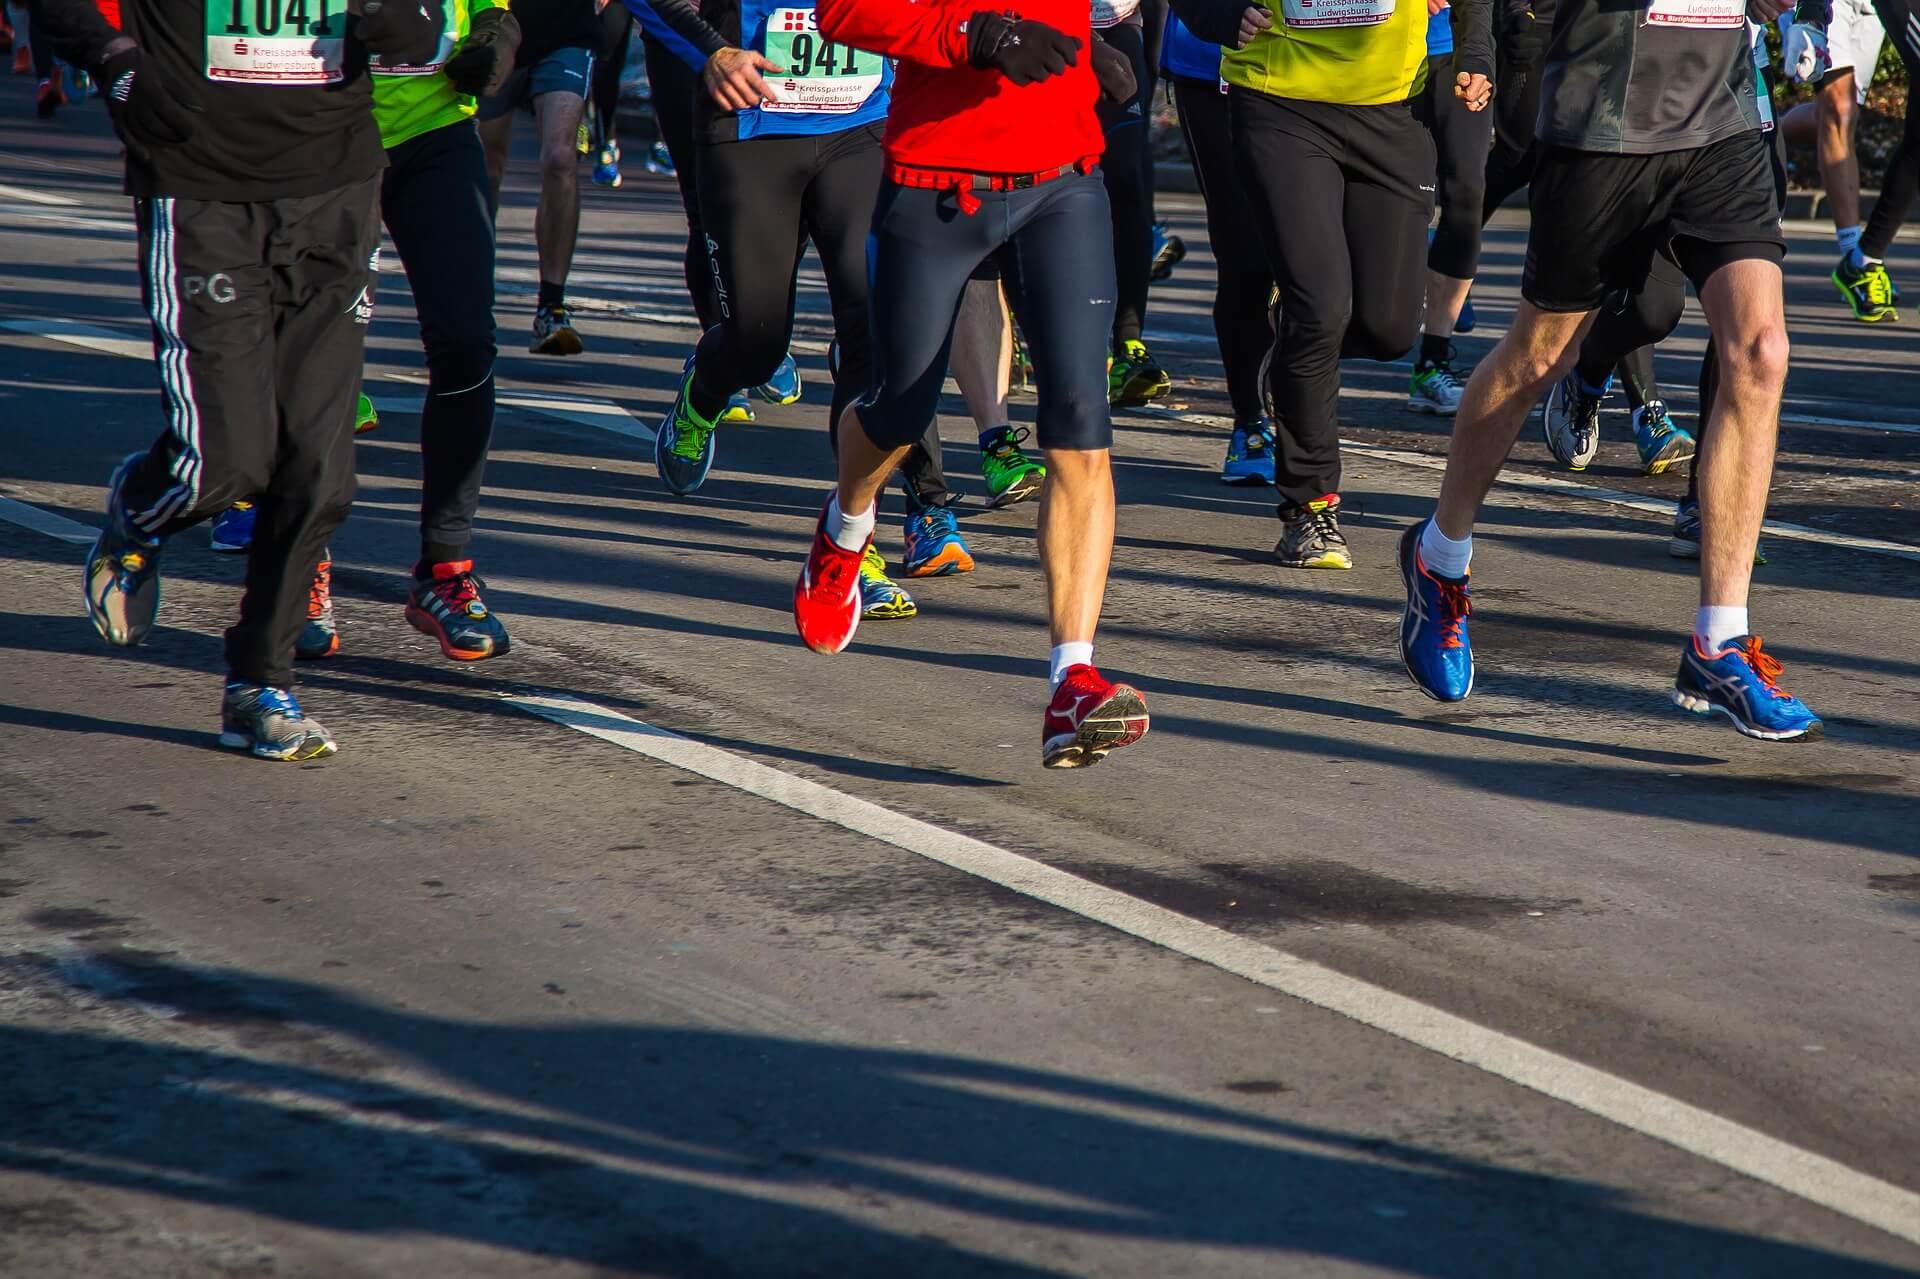 超効率練習|月間171kmでフルマラソン2時間46分(自己ベスト)達成